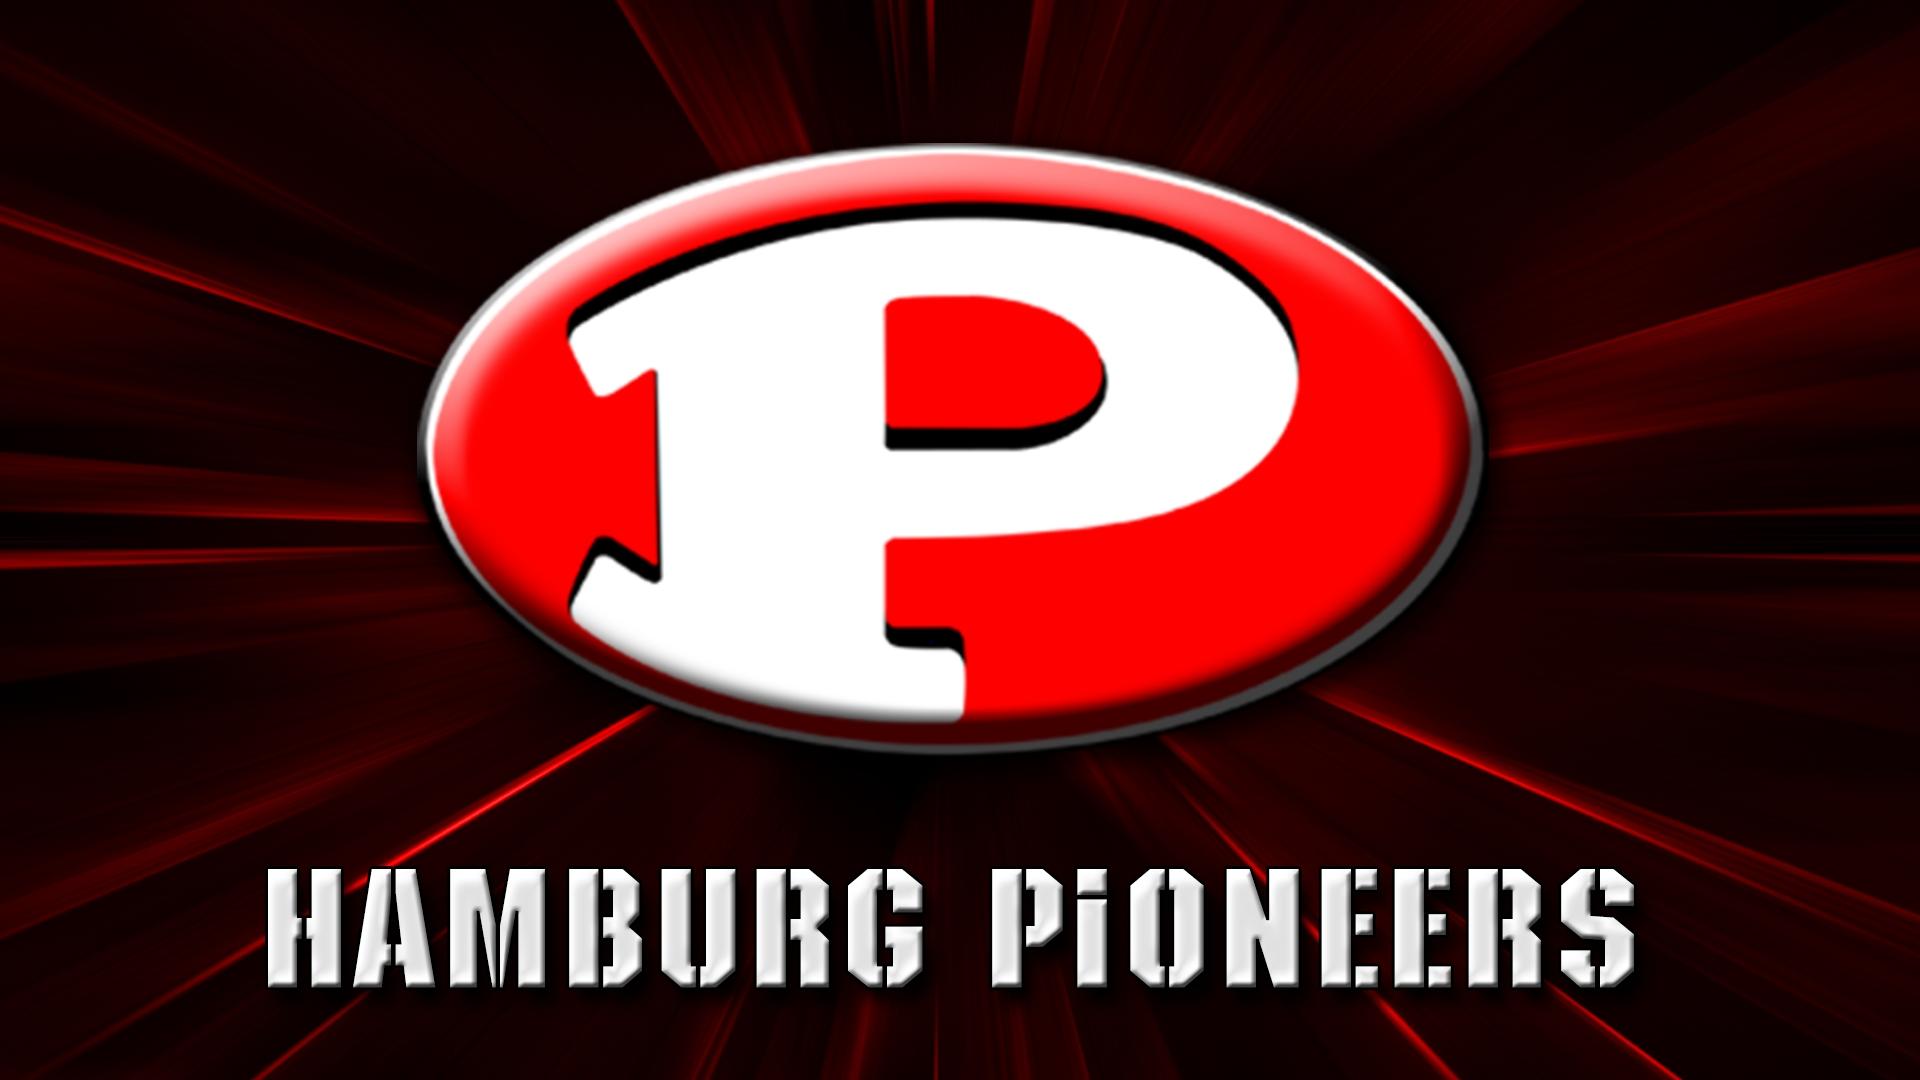 Hintergrund-Pioneers-1920x1080.jpg